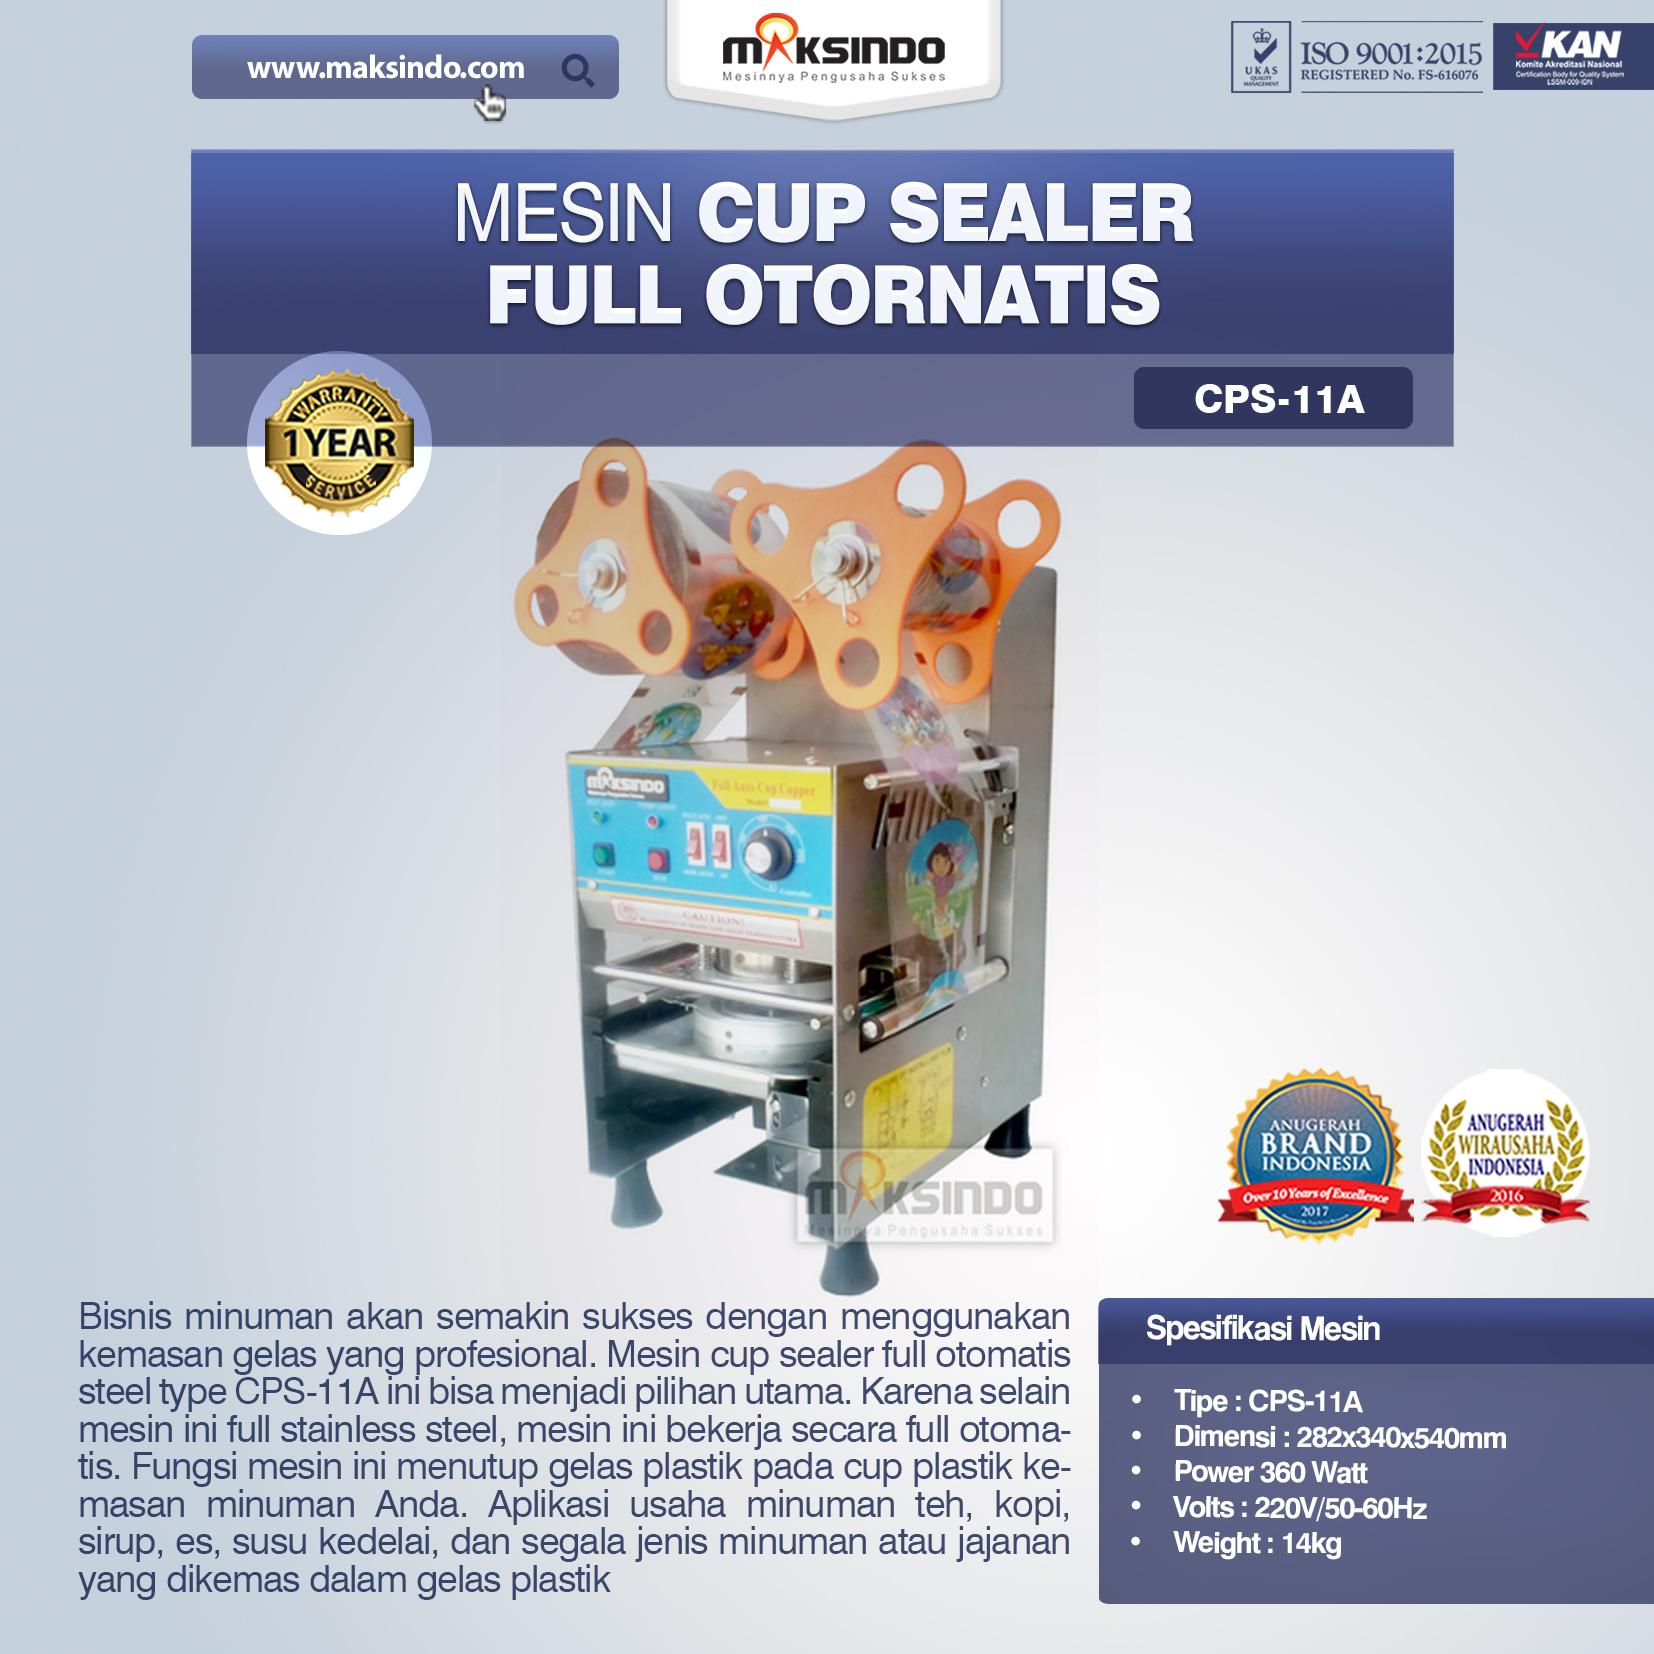 Jual Mesin Cup Sealer Full Otomatis (CPS-11A) di Semarang